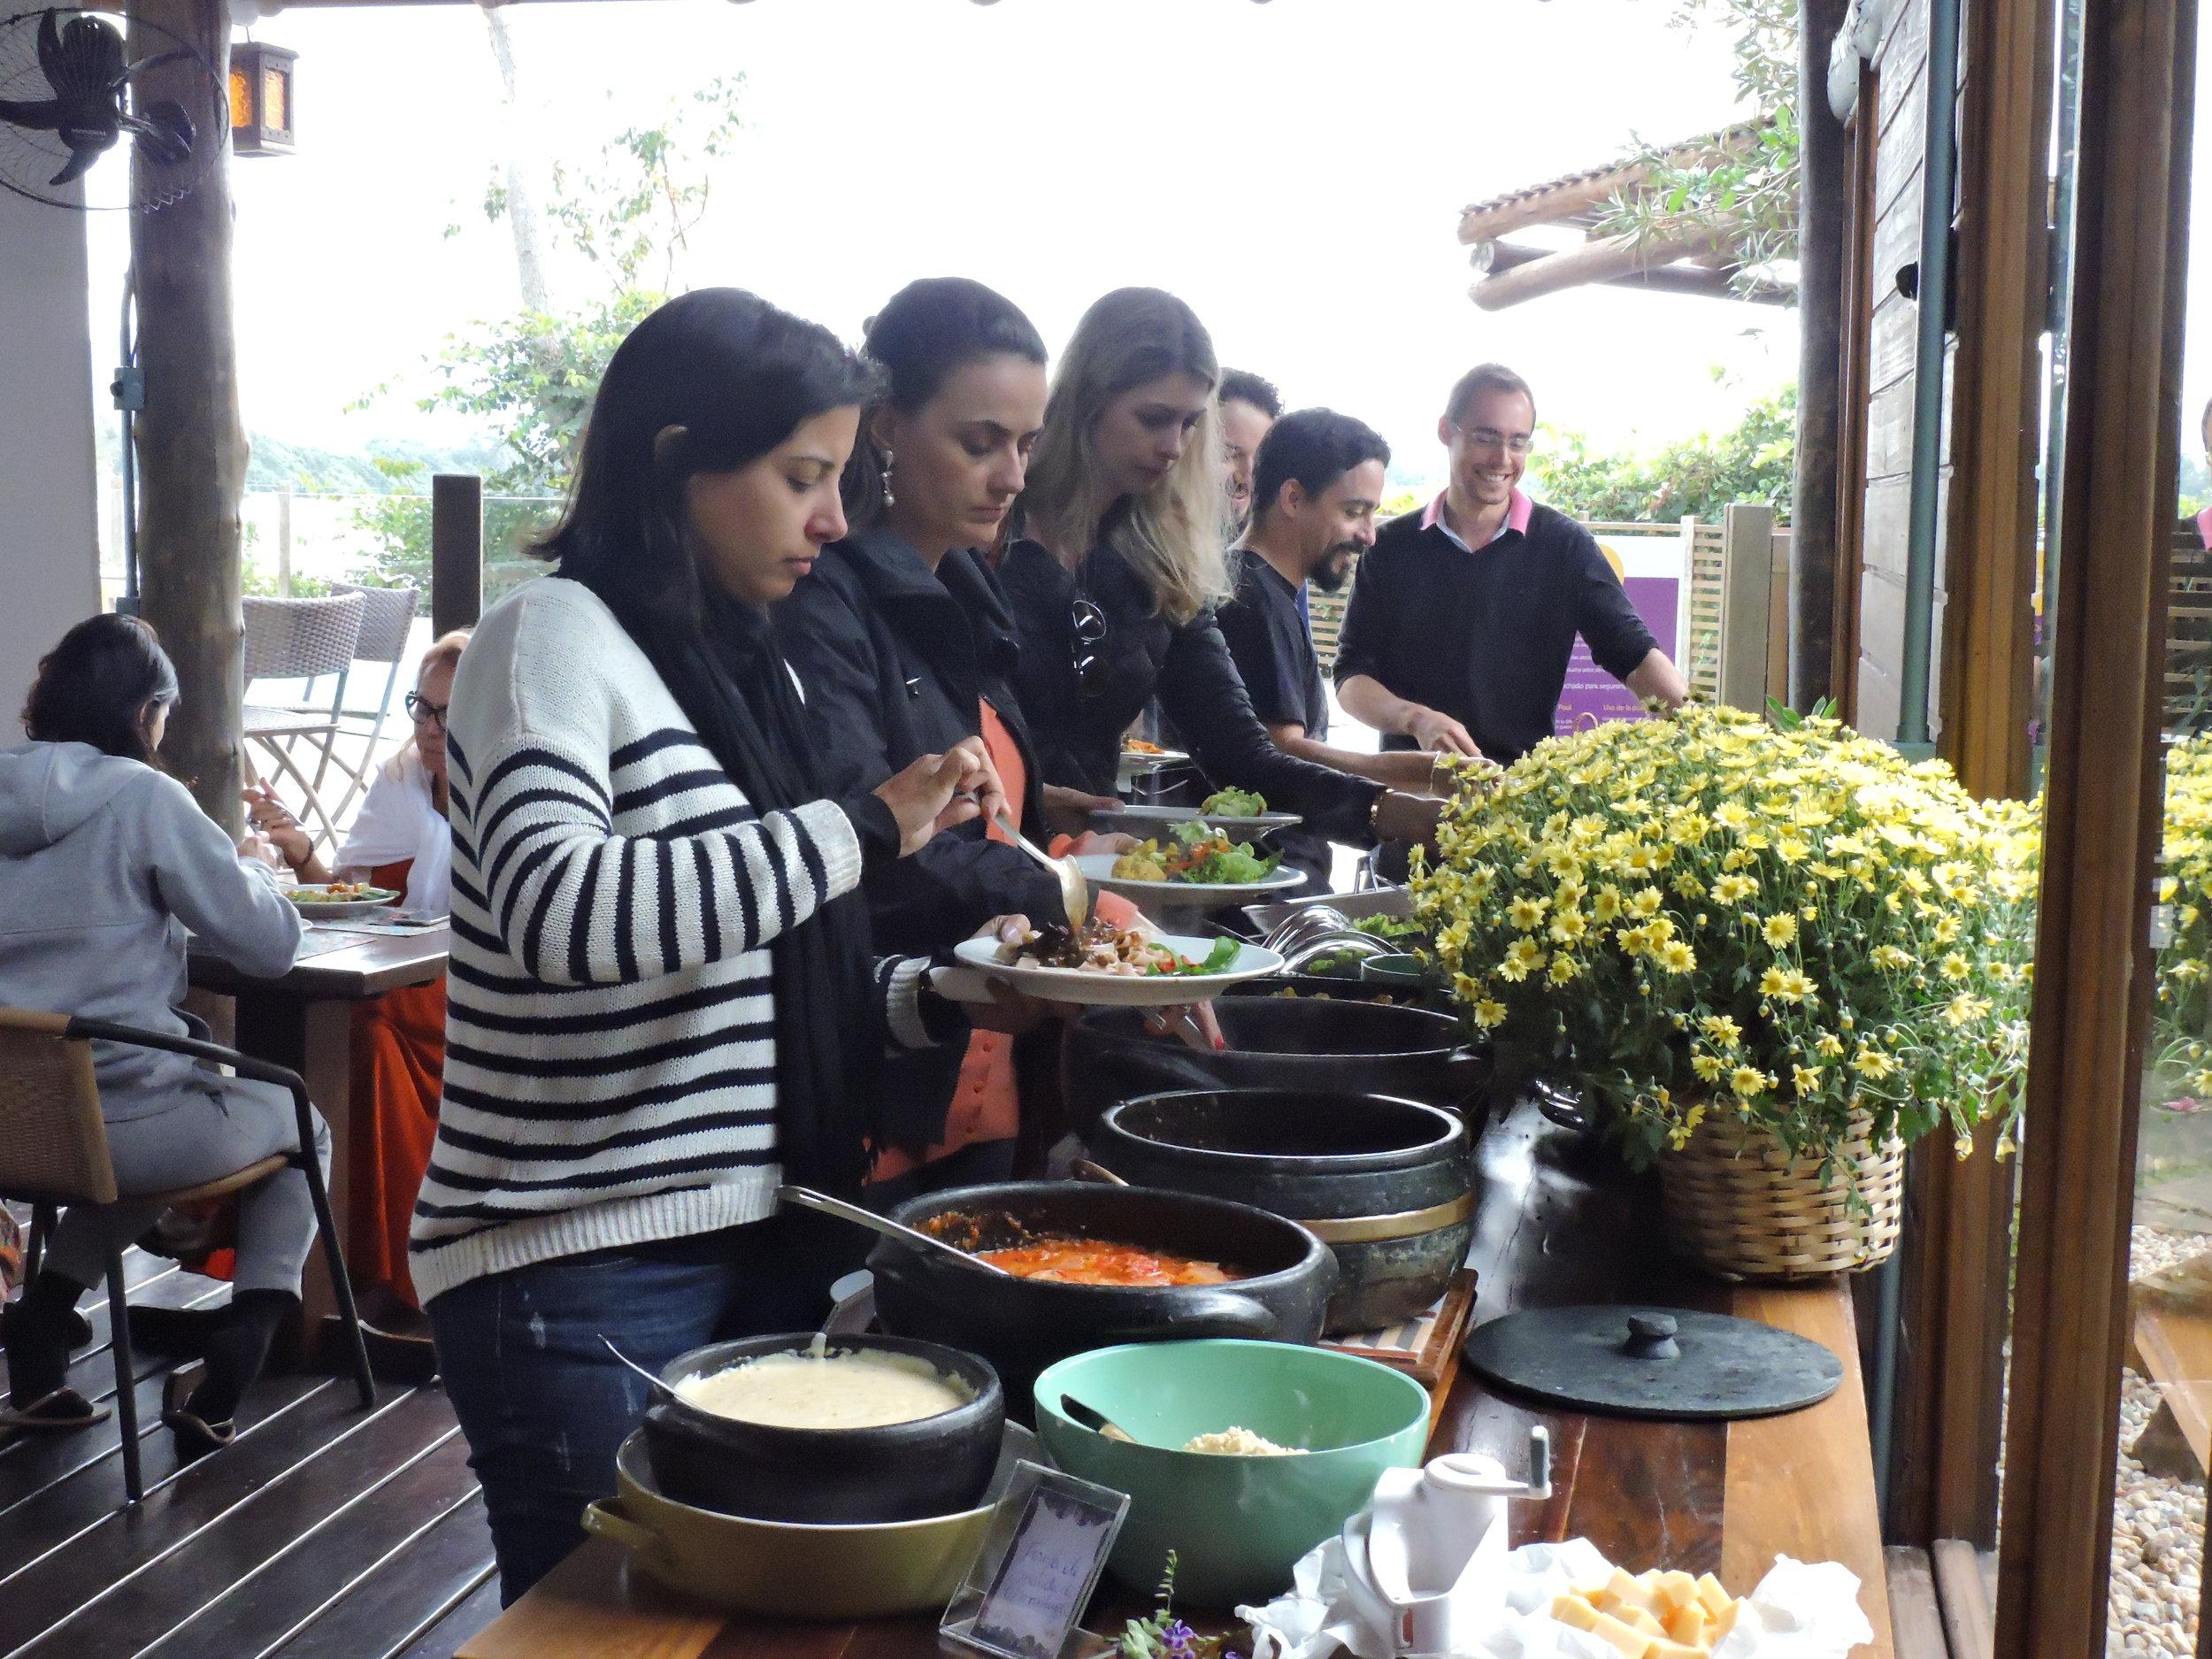 Alimentação - Almoço_grupo.JPG